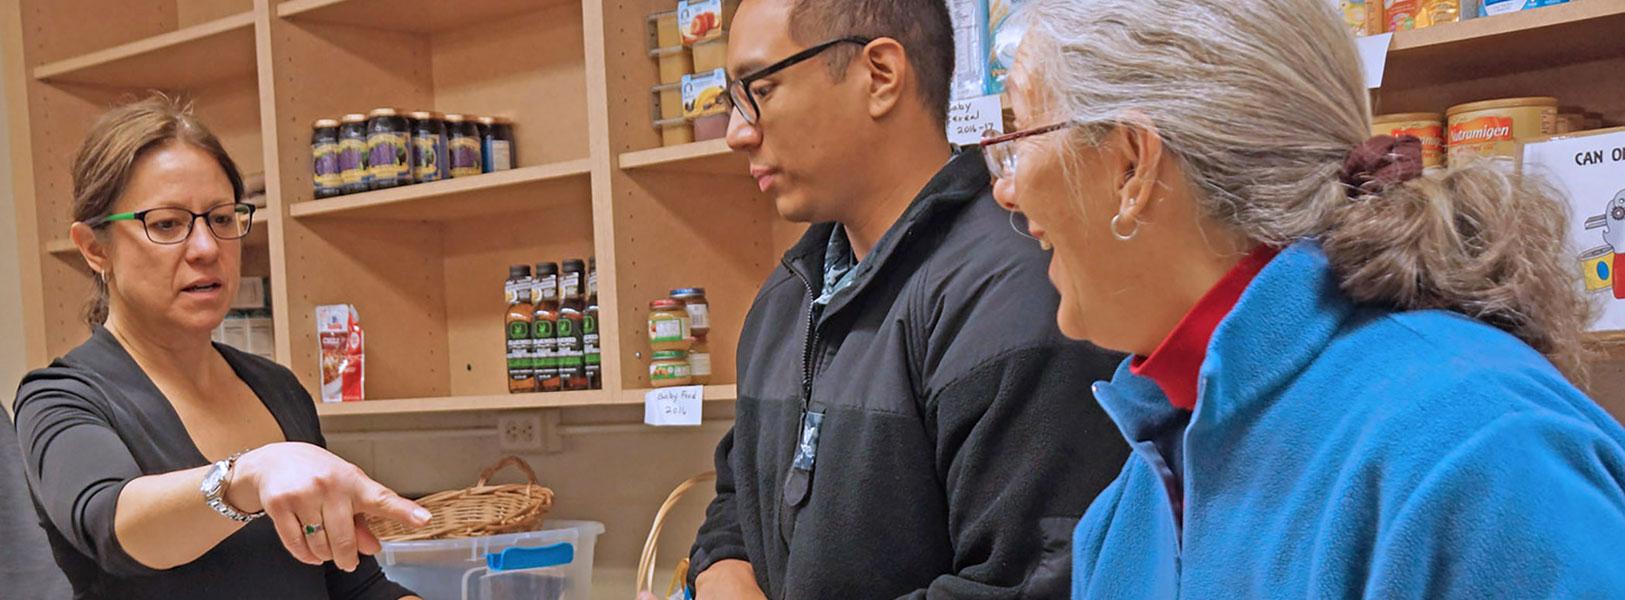 Volunteers inside the Saratoga Food Pantry